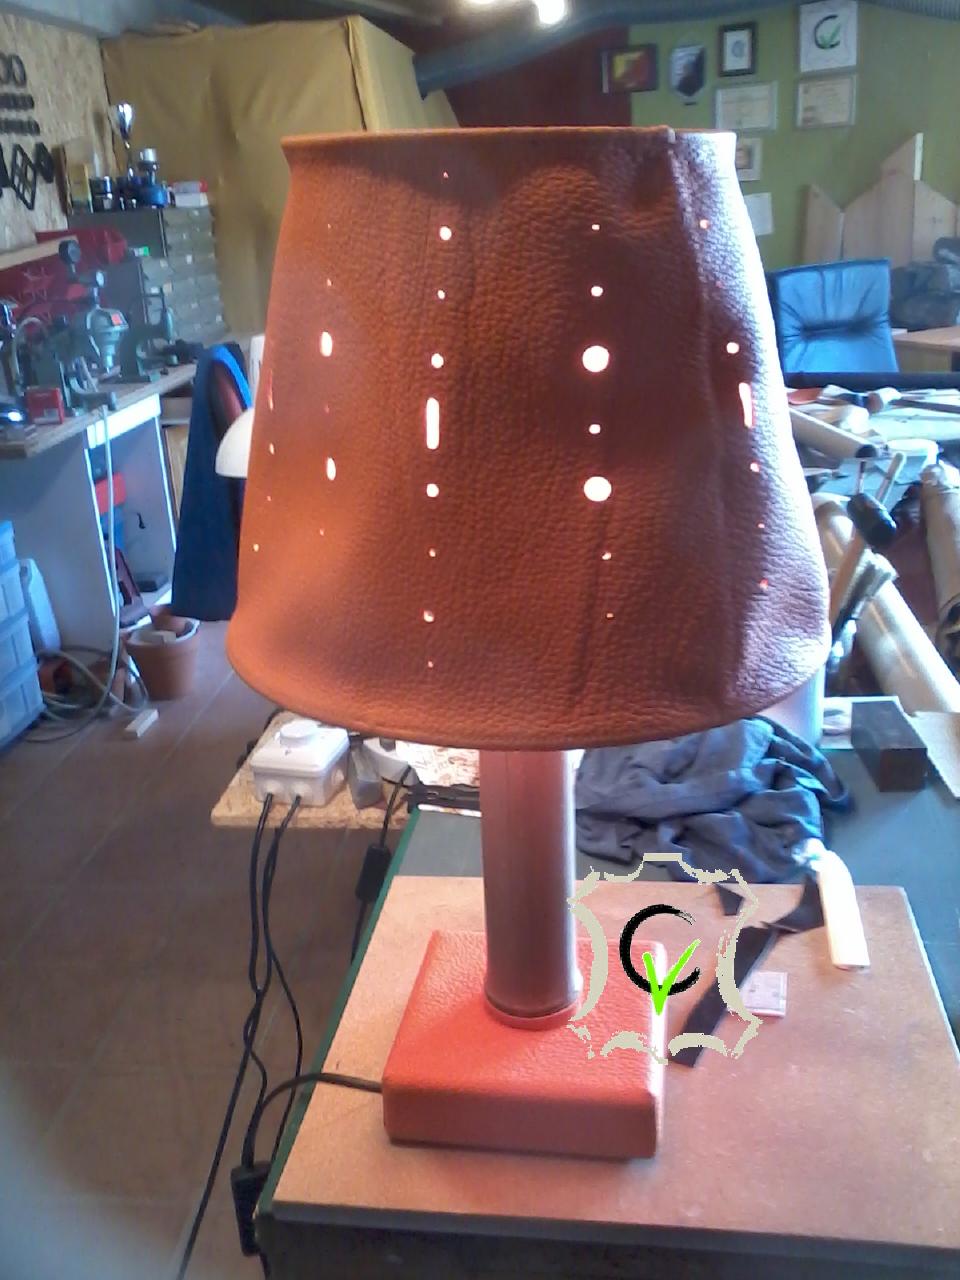 lampe de chevet, pied en bambou abat jour en cuir bovin grainé orange